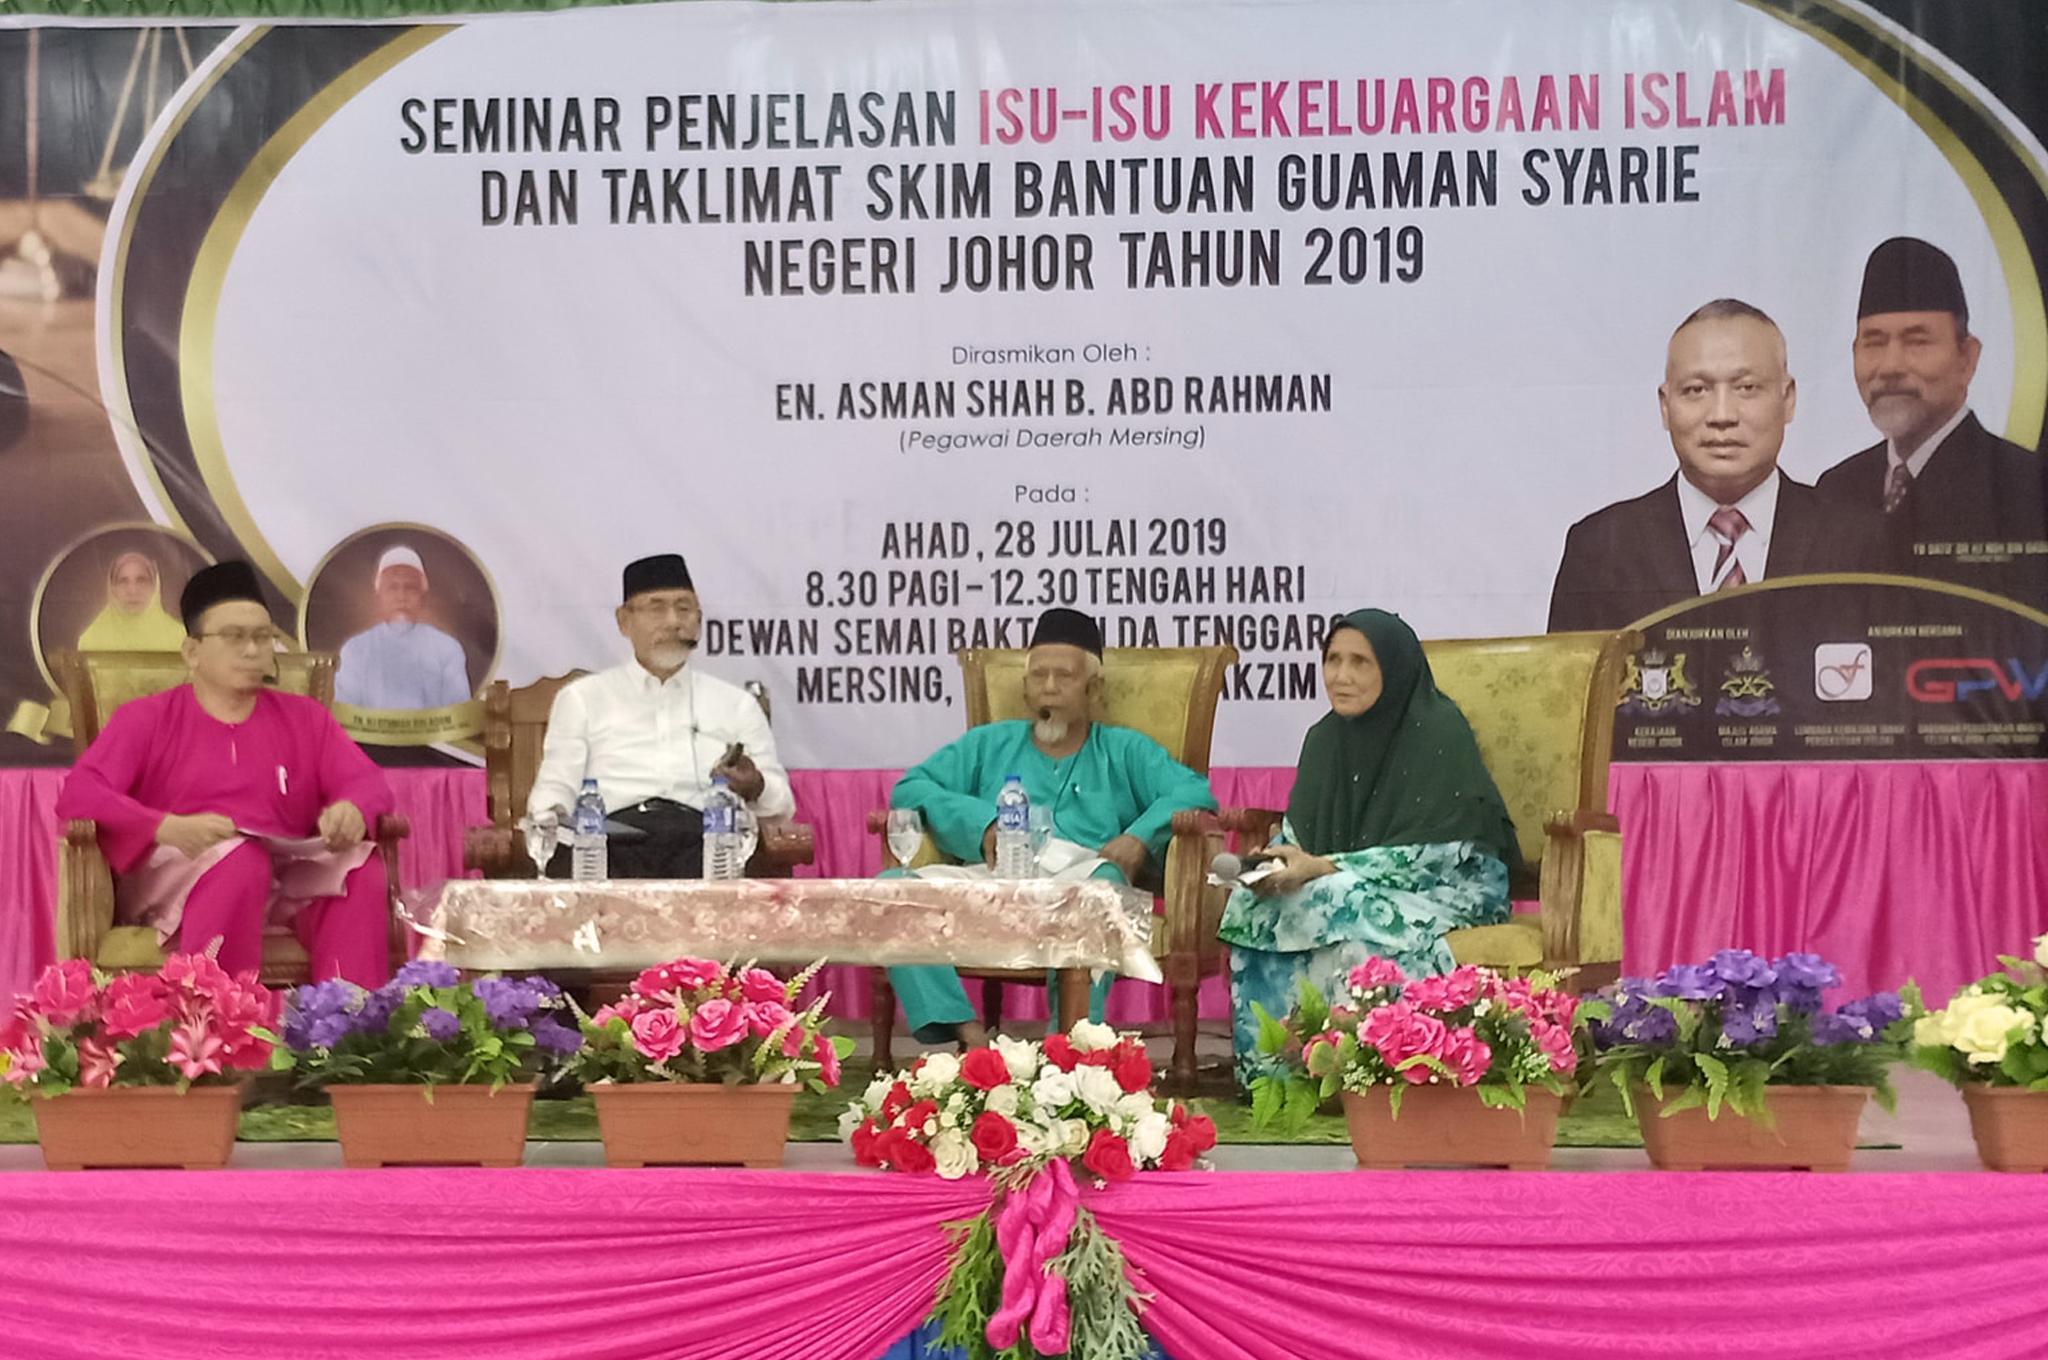 Seminar Penjelasan Isu-isu Kekeluargaan Islam Dan Taklimat Skim Bantuan Guaman Syarie Negeri Johor 2019